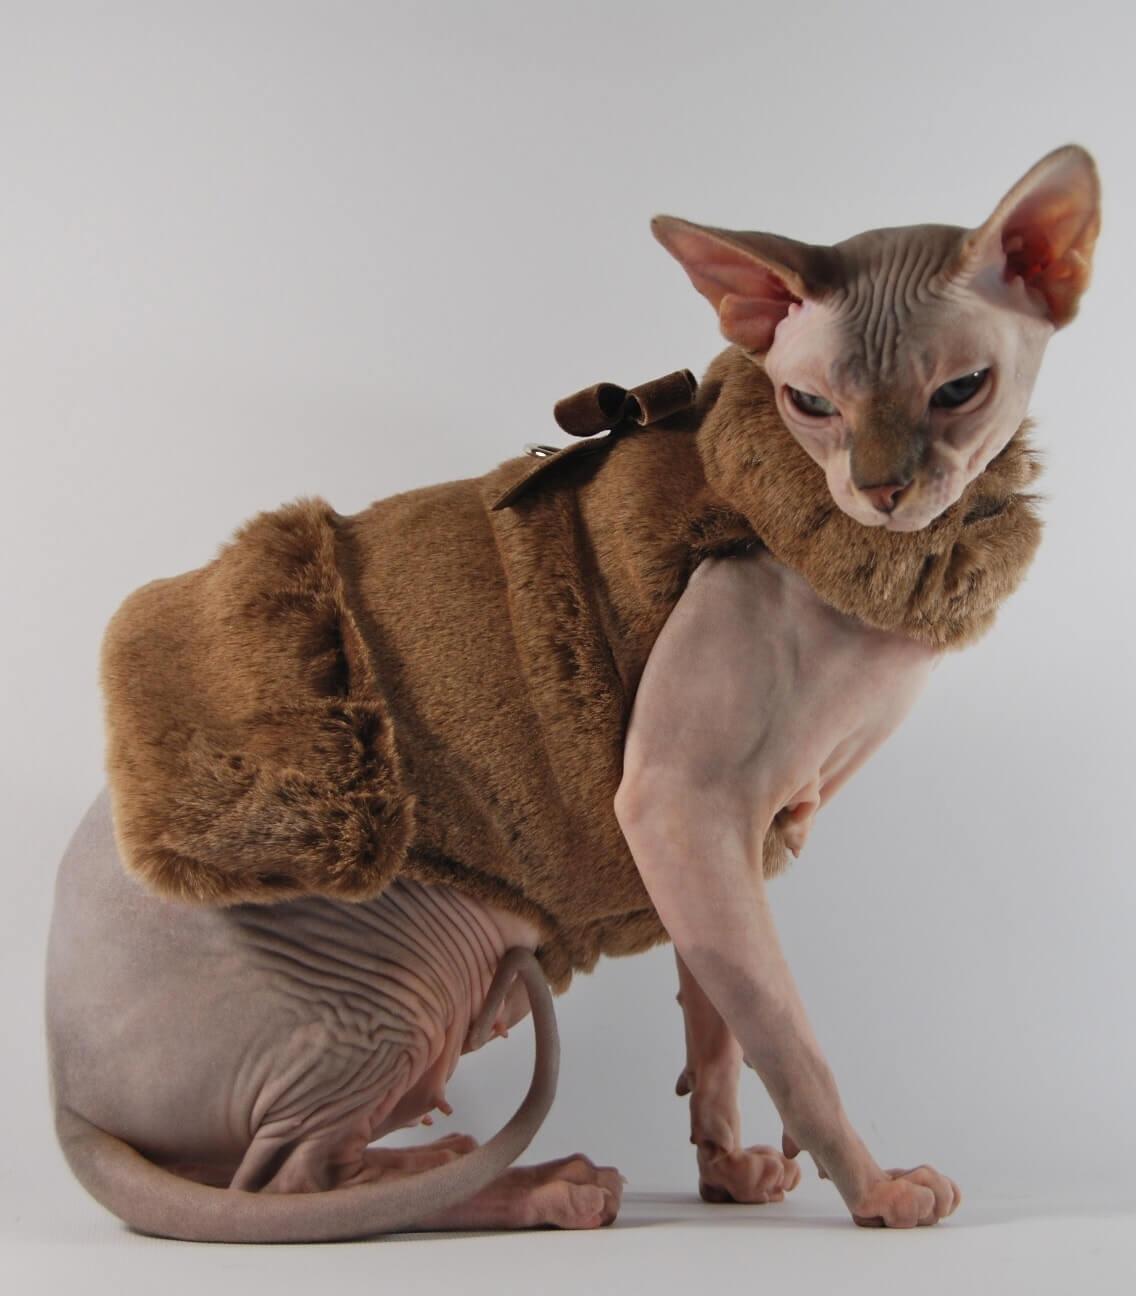 Прикольные и красивые картинки котов в одежде - сборка 6